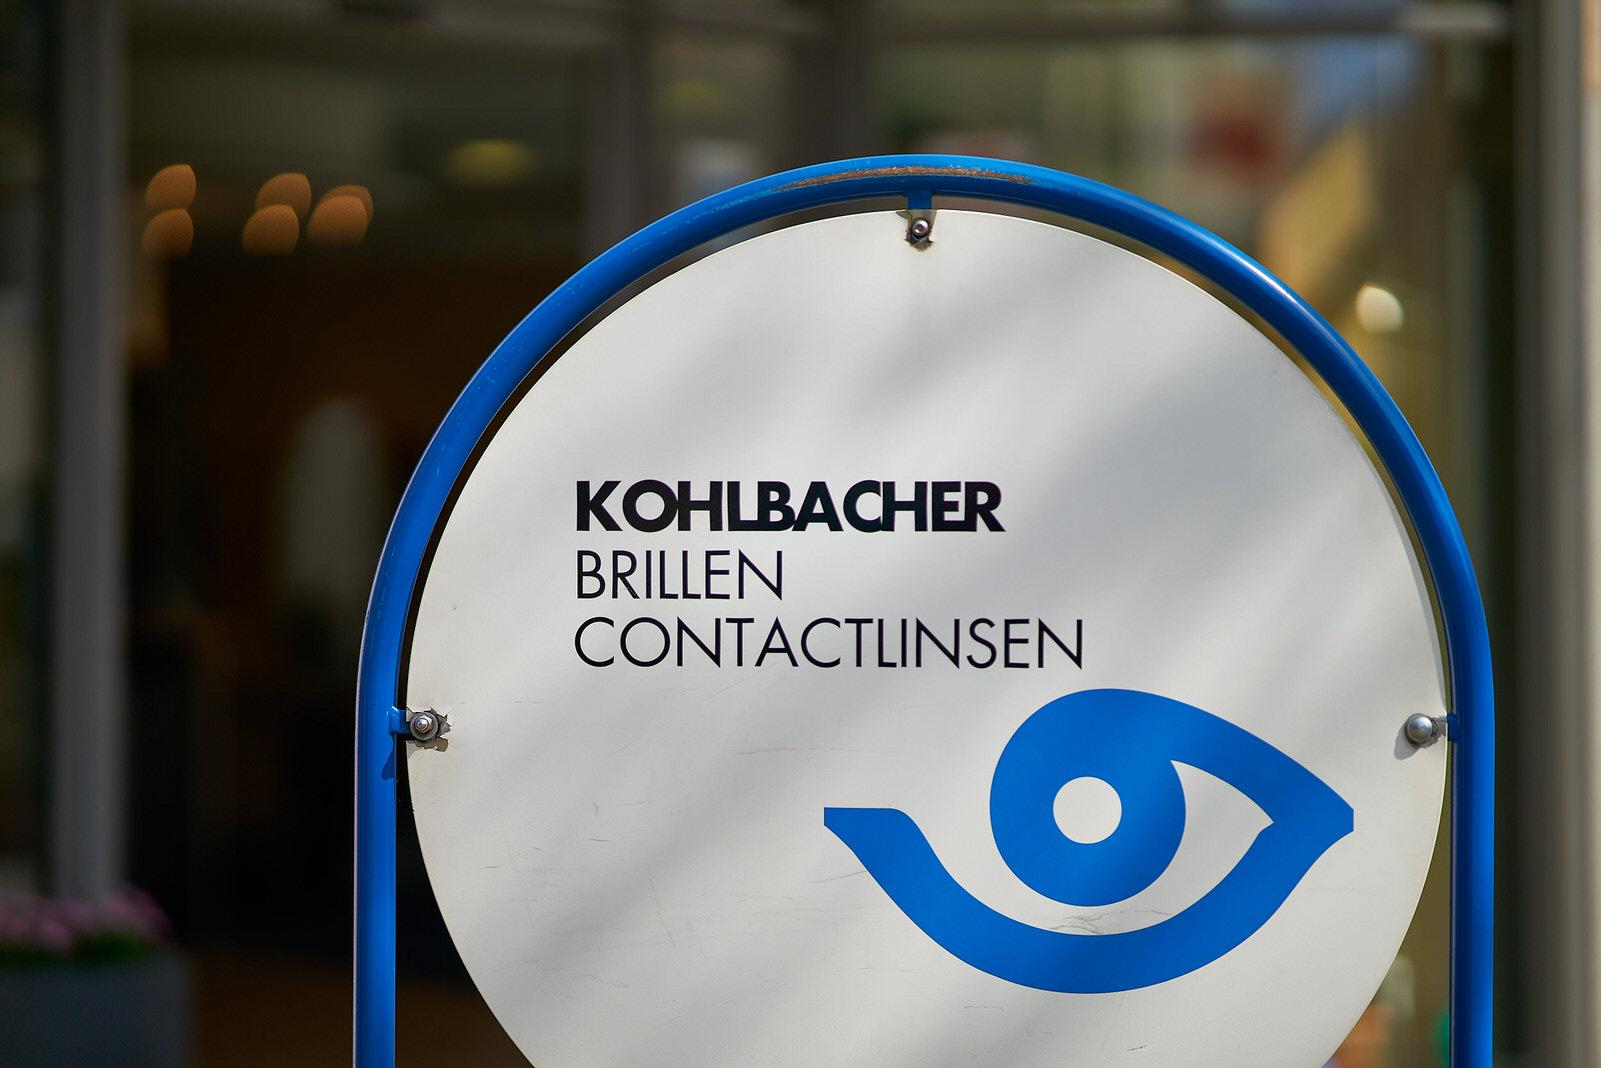 Foto: Andreas Scholer / tonimedia.de